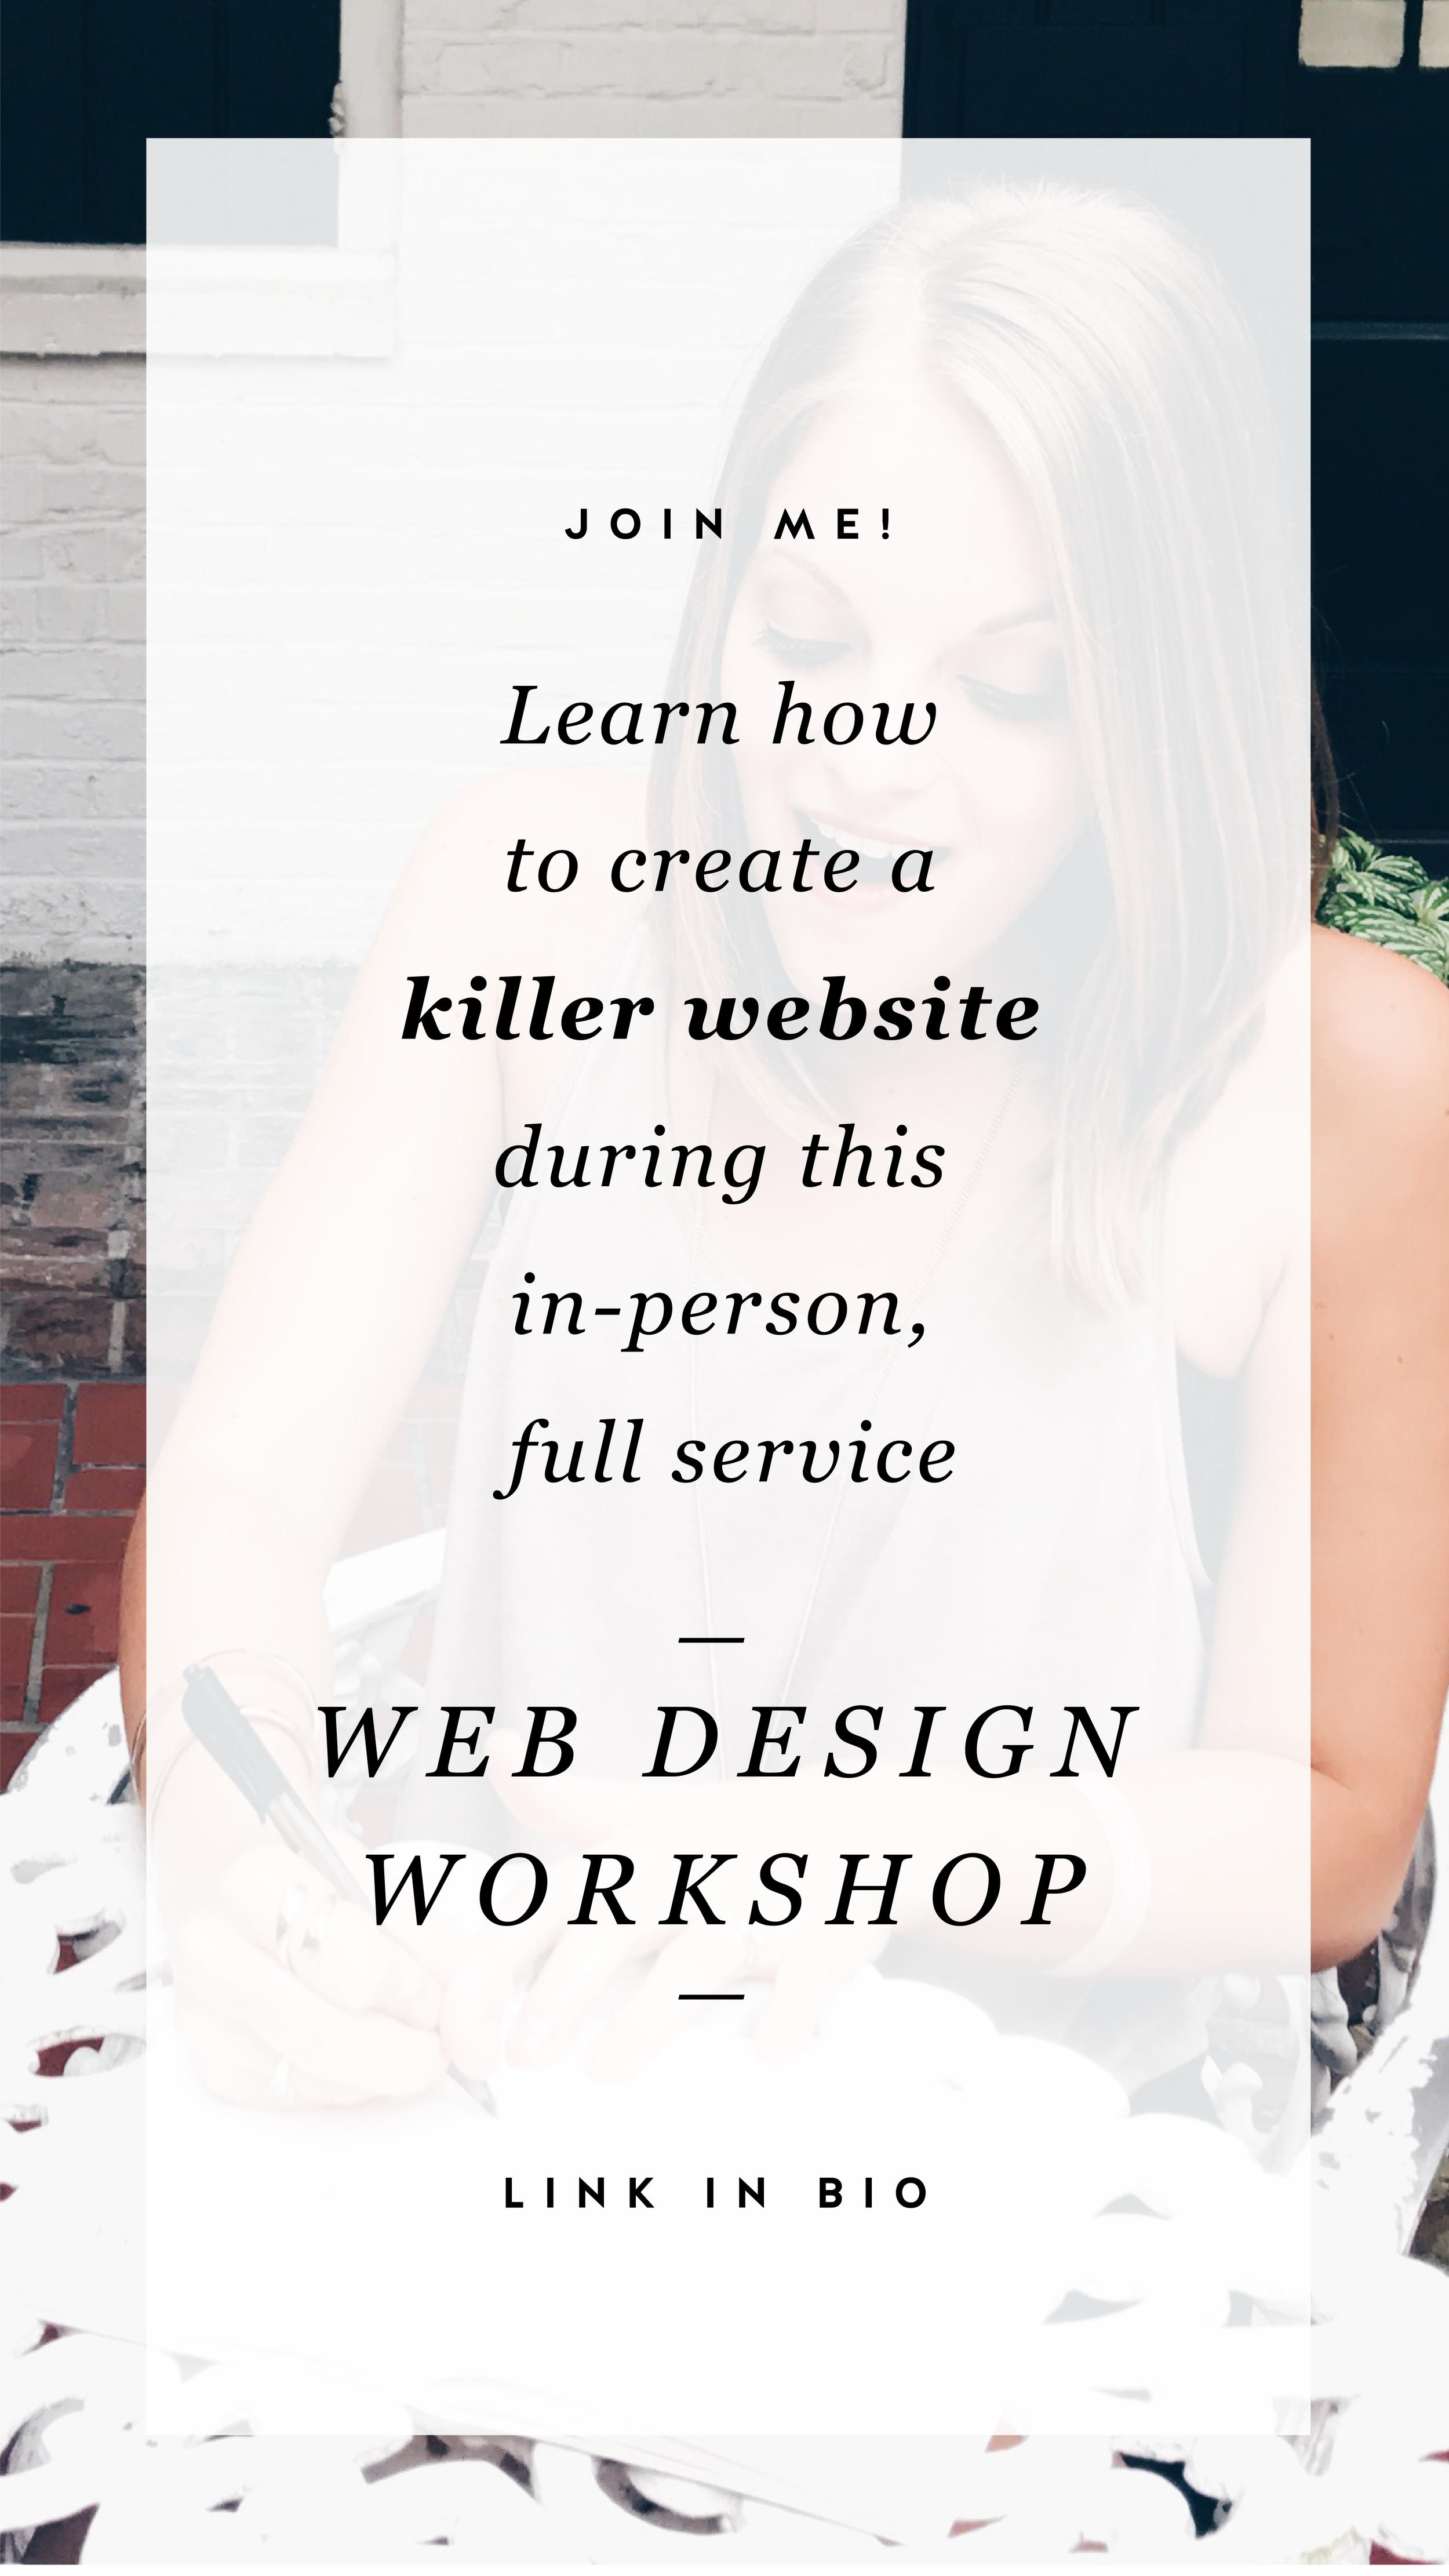 dc-web-design-workshop-02.png